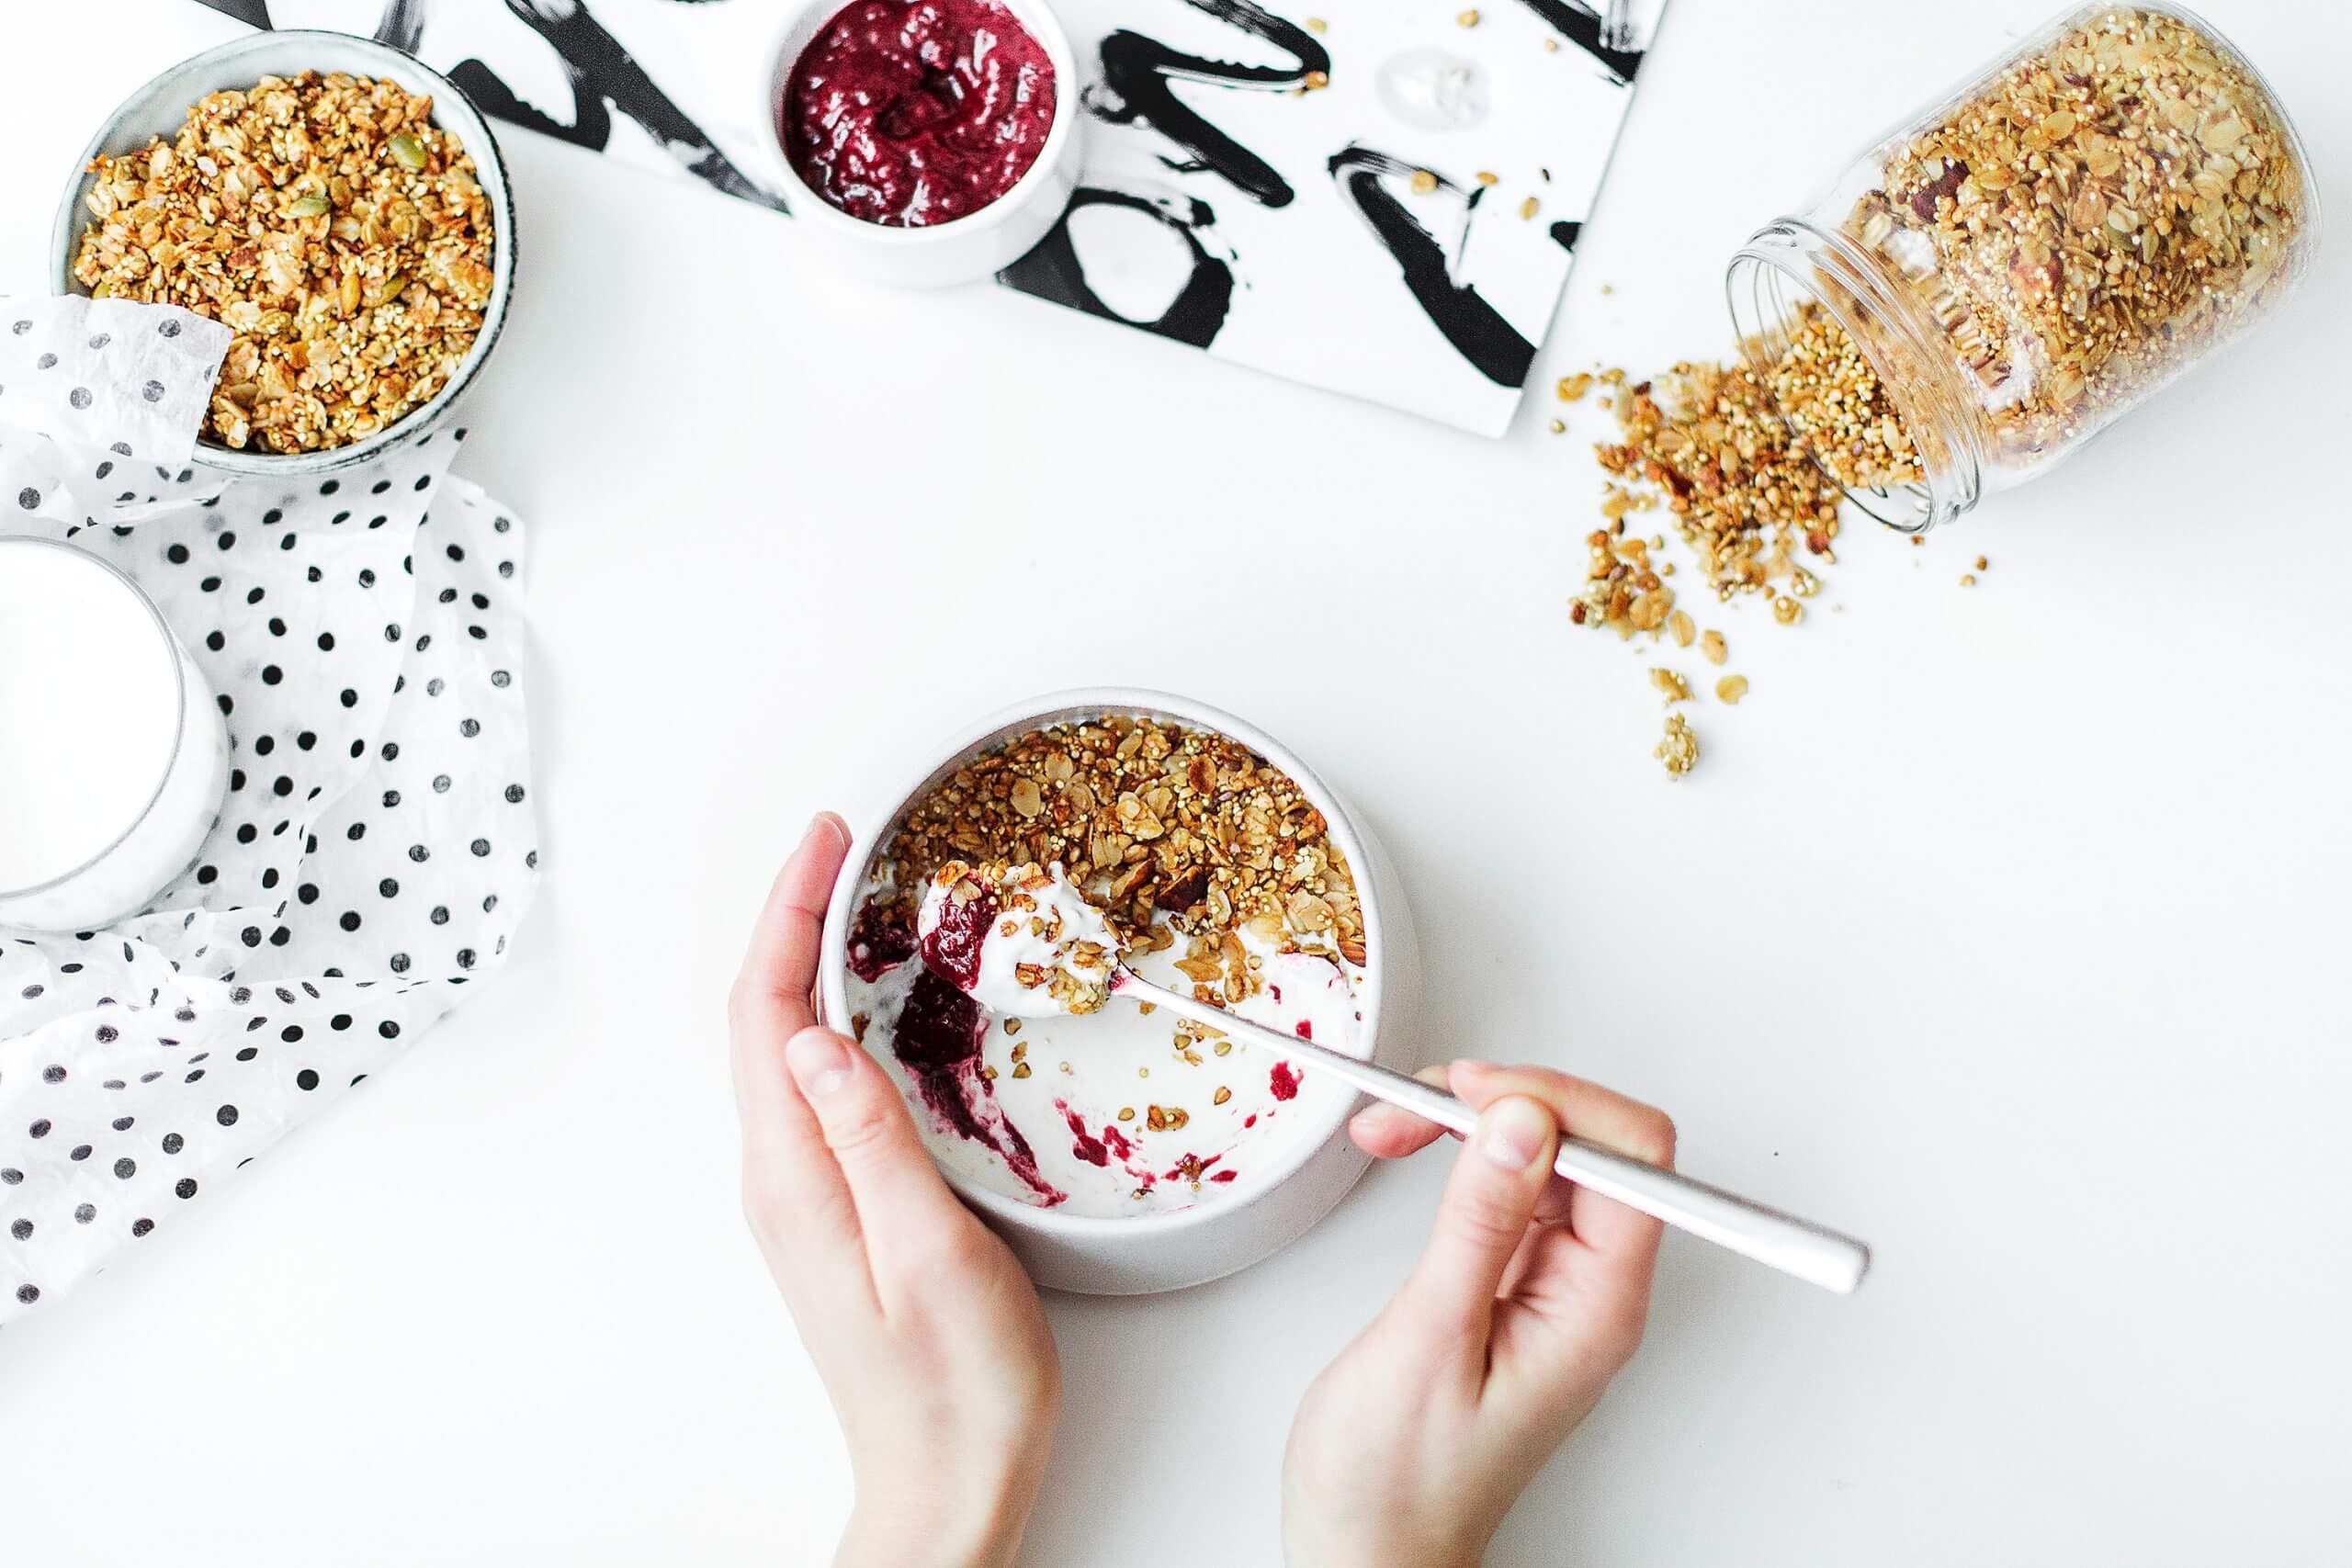 Wat is het verschil tussen links- en rechtsdraaiende yoghurt?